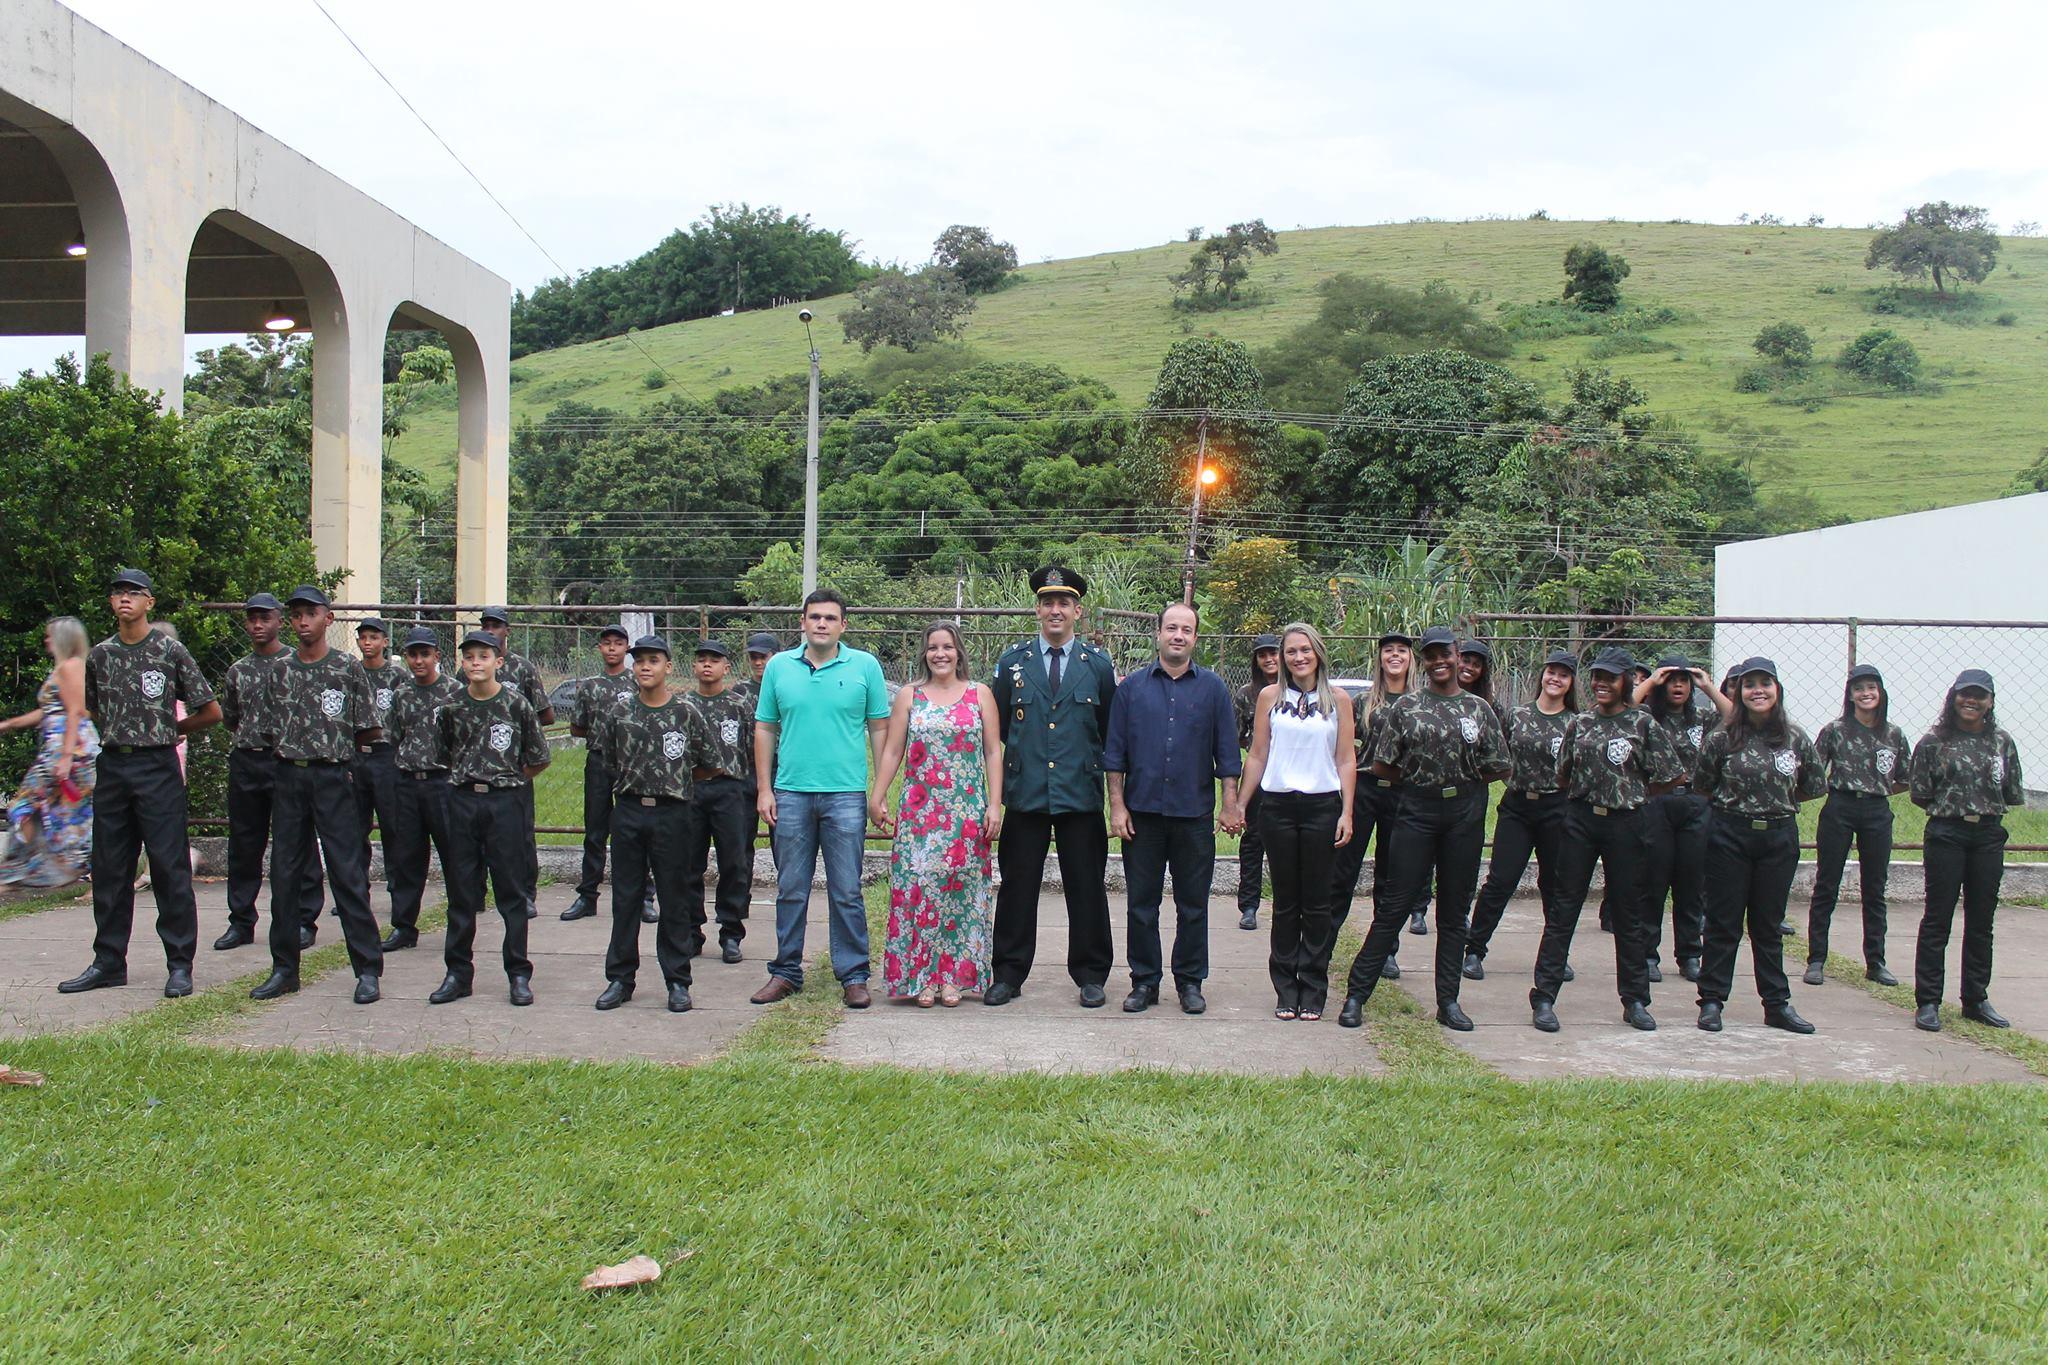 Prefeitura de Macuco realiza solenidade de formatura da 10ª turma da Guarda Mirim Ambiental